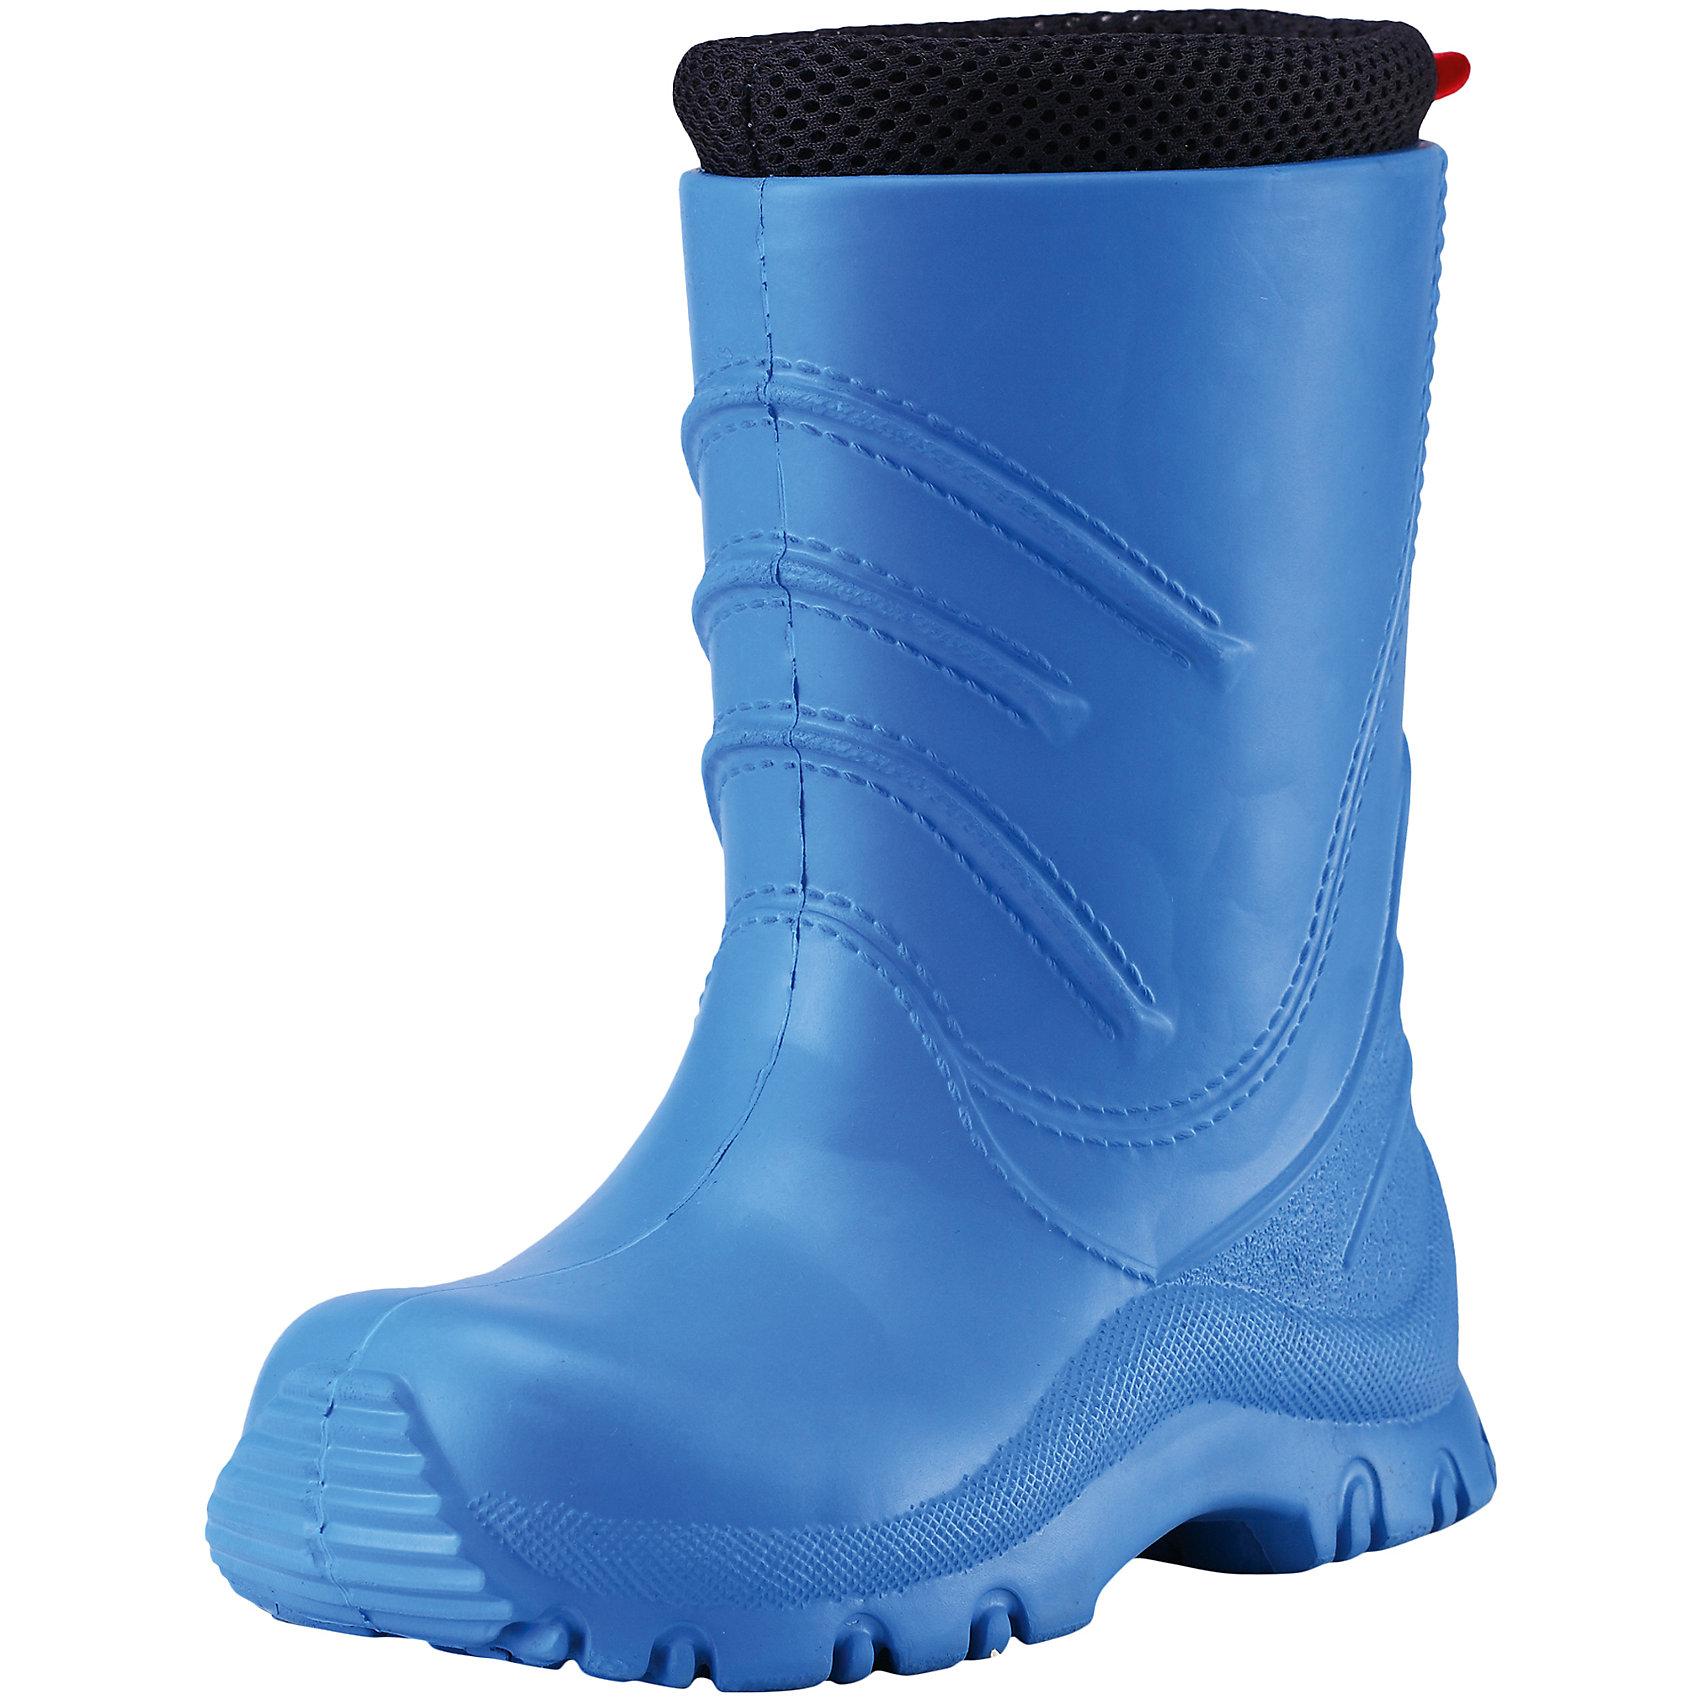 Резиновые сапоги Frillo для мальчика Reimatec® ReimaРезиновые сапоги  Reimatec® Reima<br>Резиновые сапоги для детей и малышей. Водонепроницаемая демисезонная обувь. Эластичная и легкая подошва из ЭВА. Текстильная подкладка. Съемный носок. Легко надеваются на ноги. Без ПХВ.<br>Уход:<br>Храните обувь в вертикальном положении при комнатной температуре. Сушить обувь всегда следует при комнатной температуре: вынув съемные стельки. Стельки следует время от времени заменять на новые. Налипшую грязь можно счищать щеткой или влажной тряпкой. Перед использованием обувь рекомендуется обрабатывать специальными защитными средствами.<br>Состав:<br>Подошва: 100% EVA, Верх: 100% EVA<br><br>Ширина мм: 237<br>Глубина мм: 180<br>Высота мм: 152<br>Вес г: 438<br>Цвет: голубой<br>Возраст от месяцев: 15<br>Возраст до месяцев: 18<br>Пол: Мужской<br>Возраст: Детский<br>Размер: 22,26,28,32,30,34,24<br>SKU: 4776632